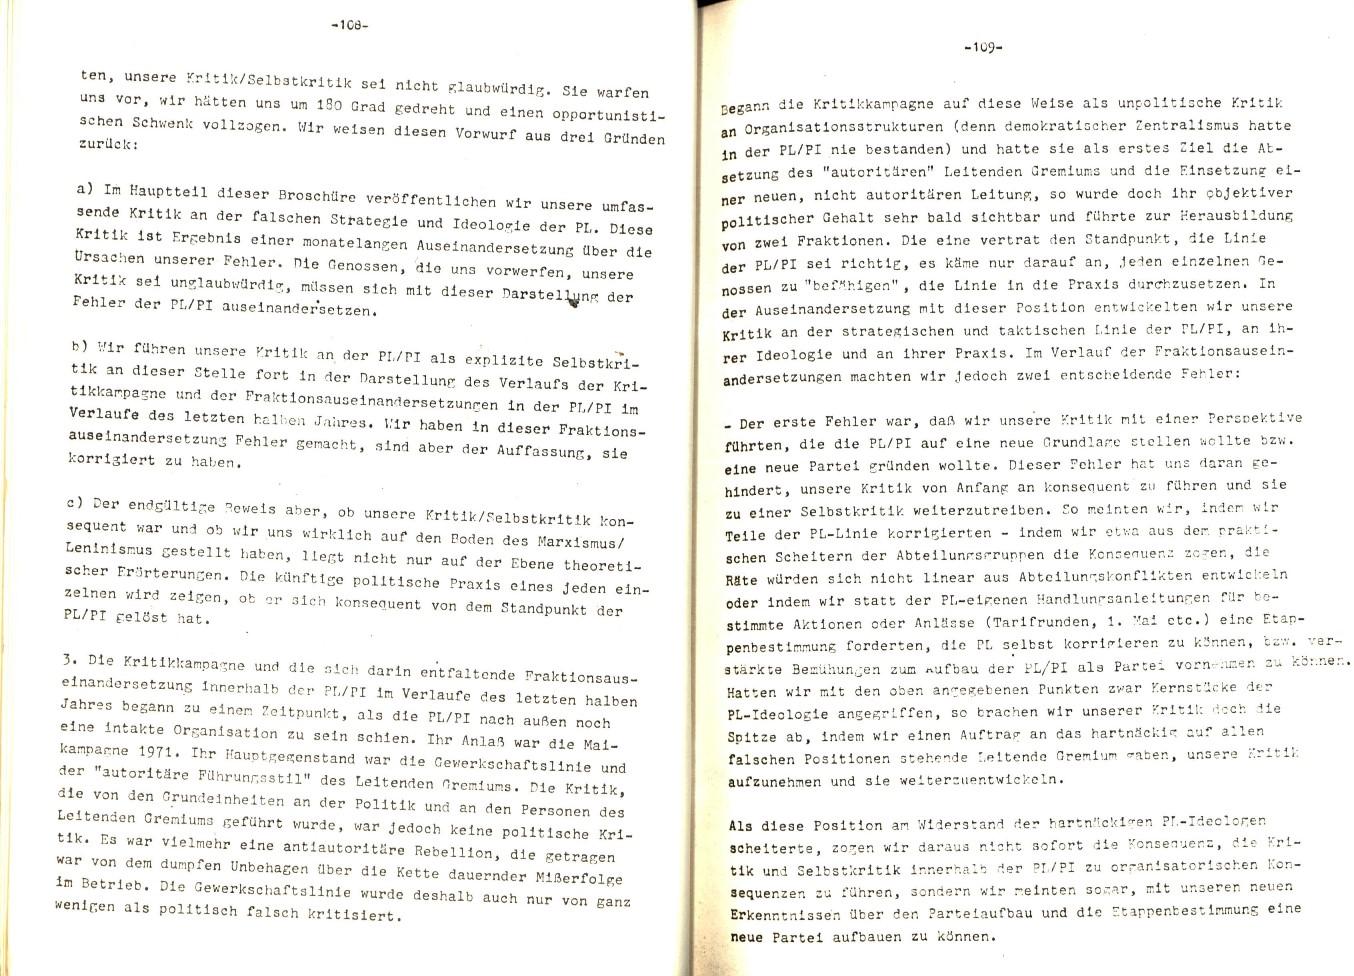 PLPI_1971_Aufloesung_57